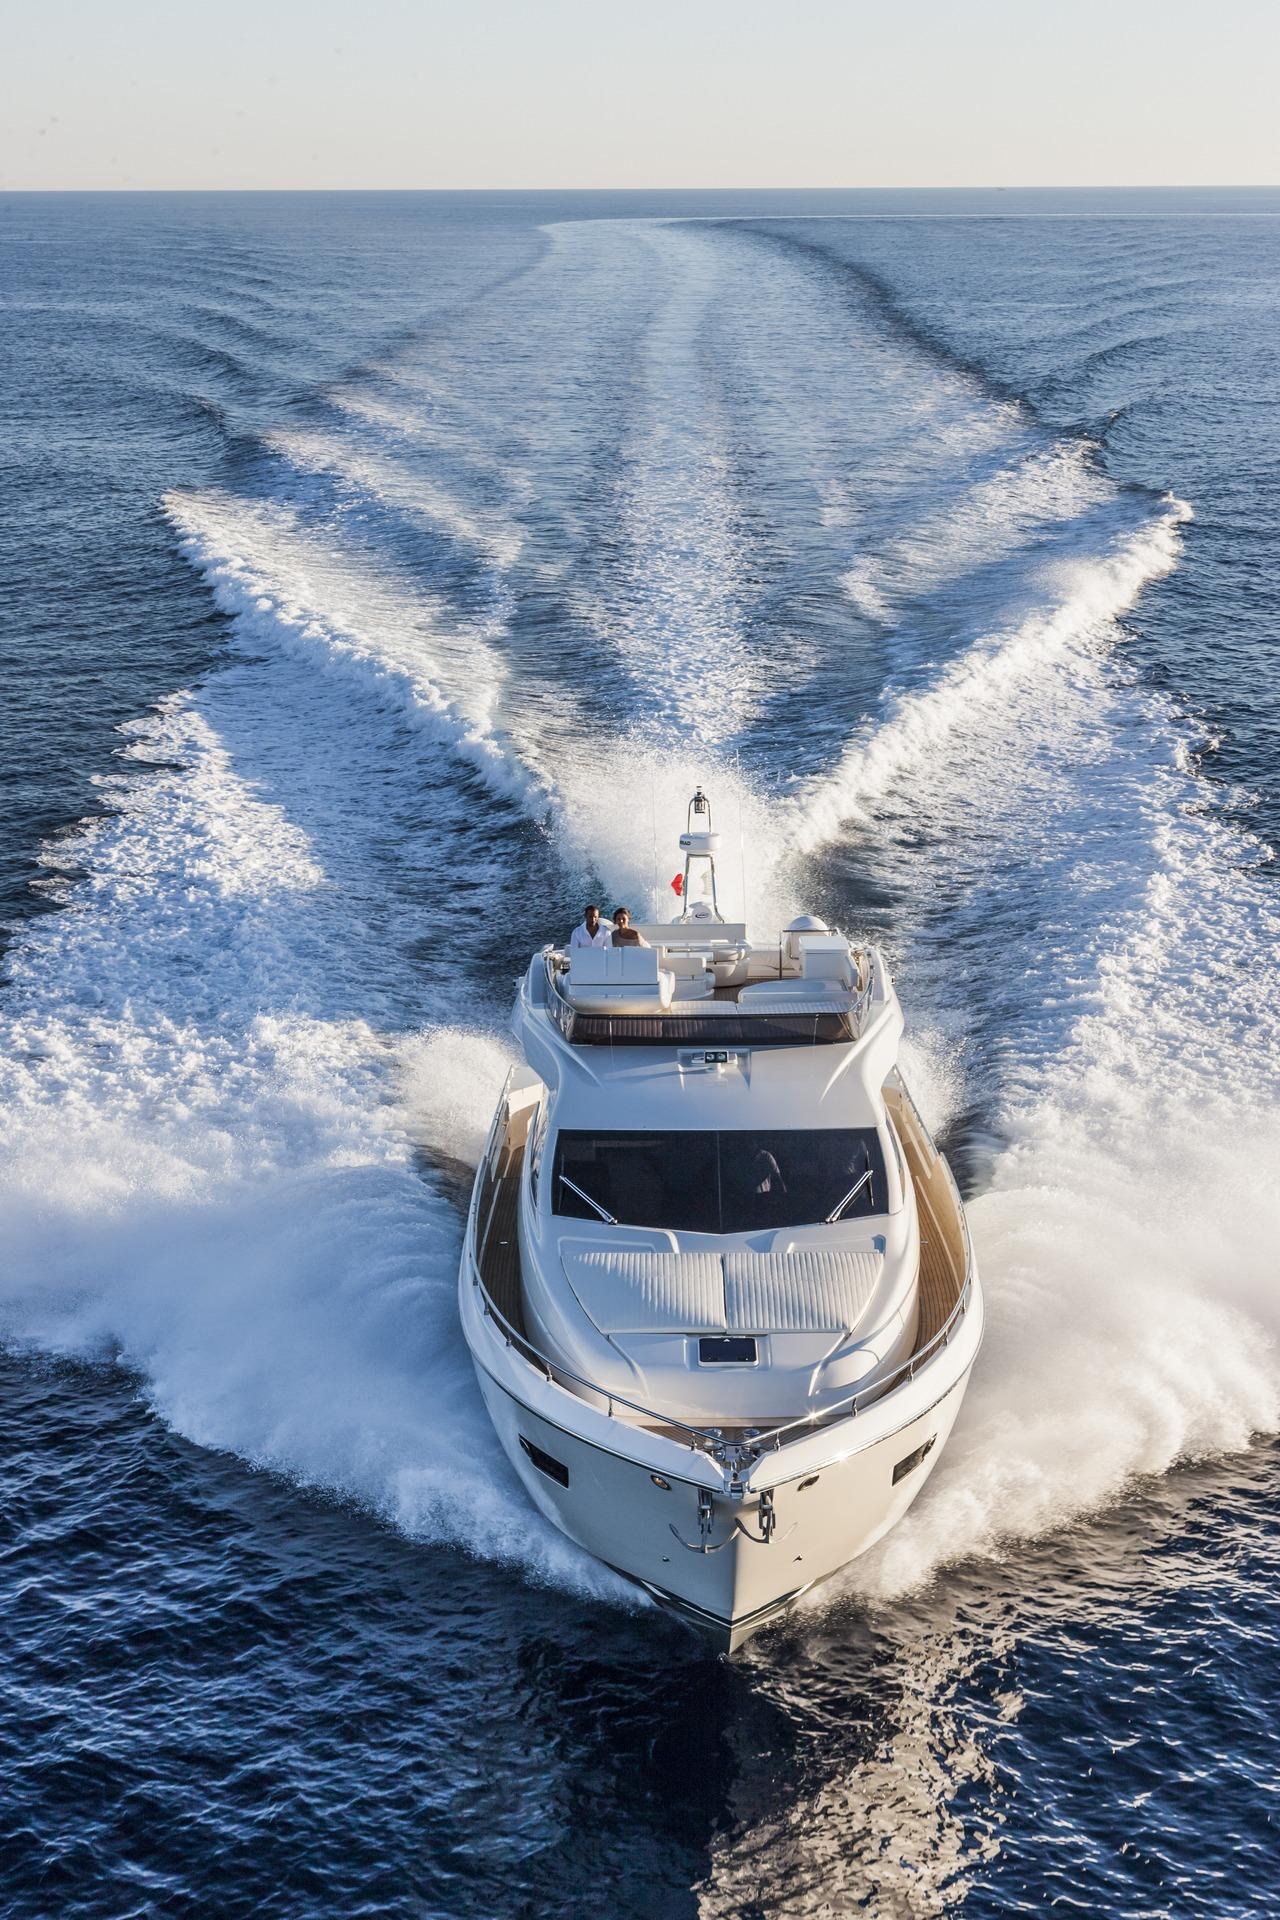 ferretti-yacht-750_Cannes_2013_70-100